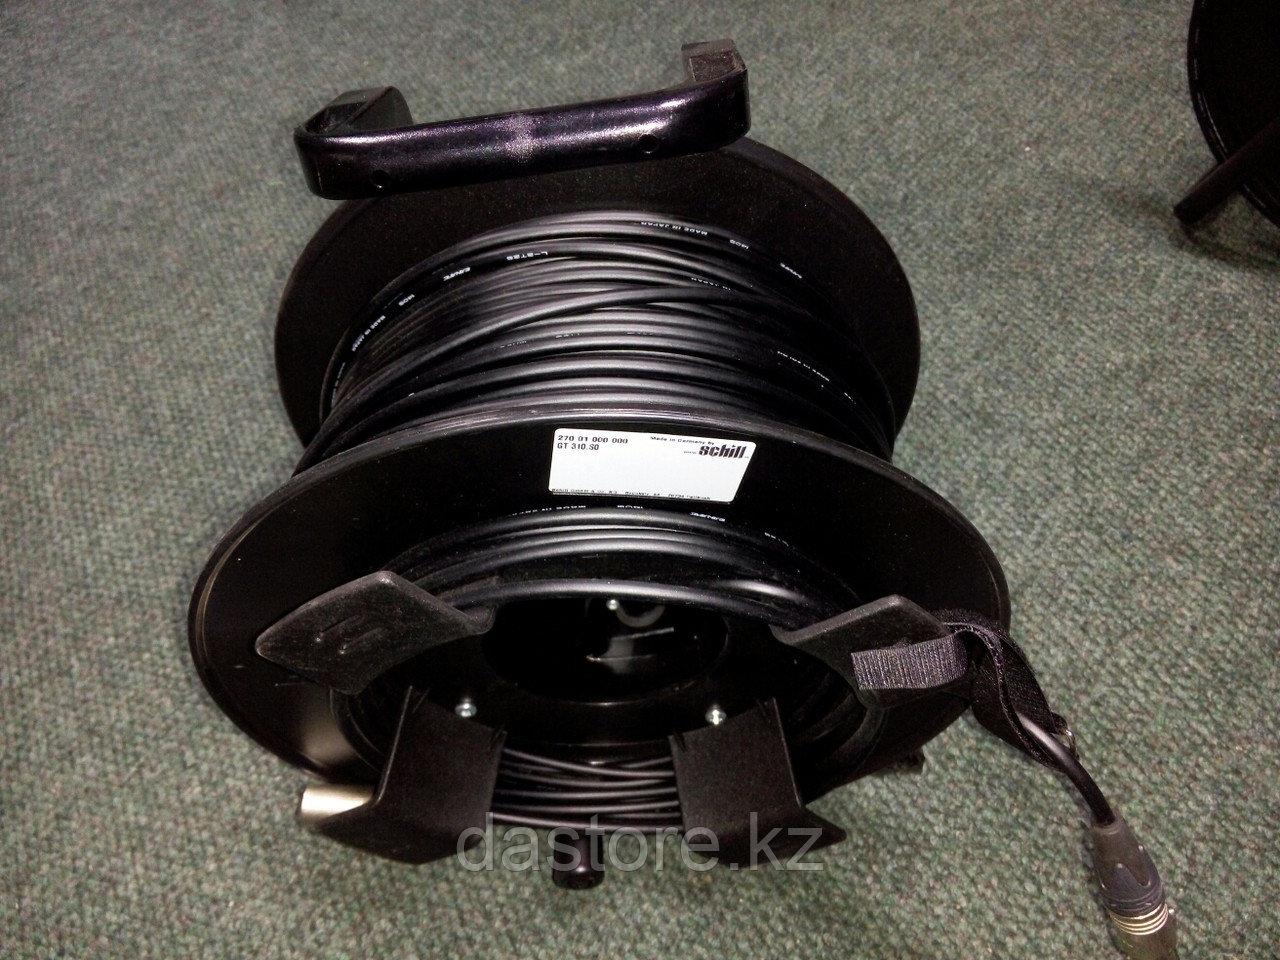 DaStore Products AIXD-100-P, готовый звуковой микрофонный кабель на катушке с разъёмами XLR 3 Pin (мама-папа),